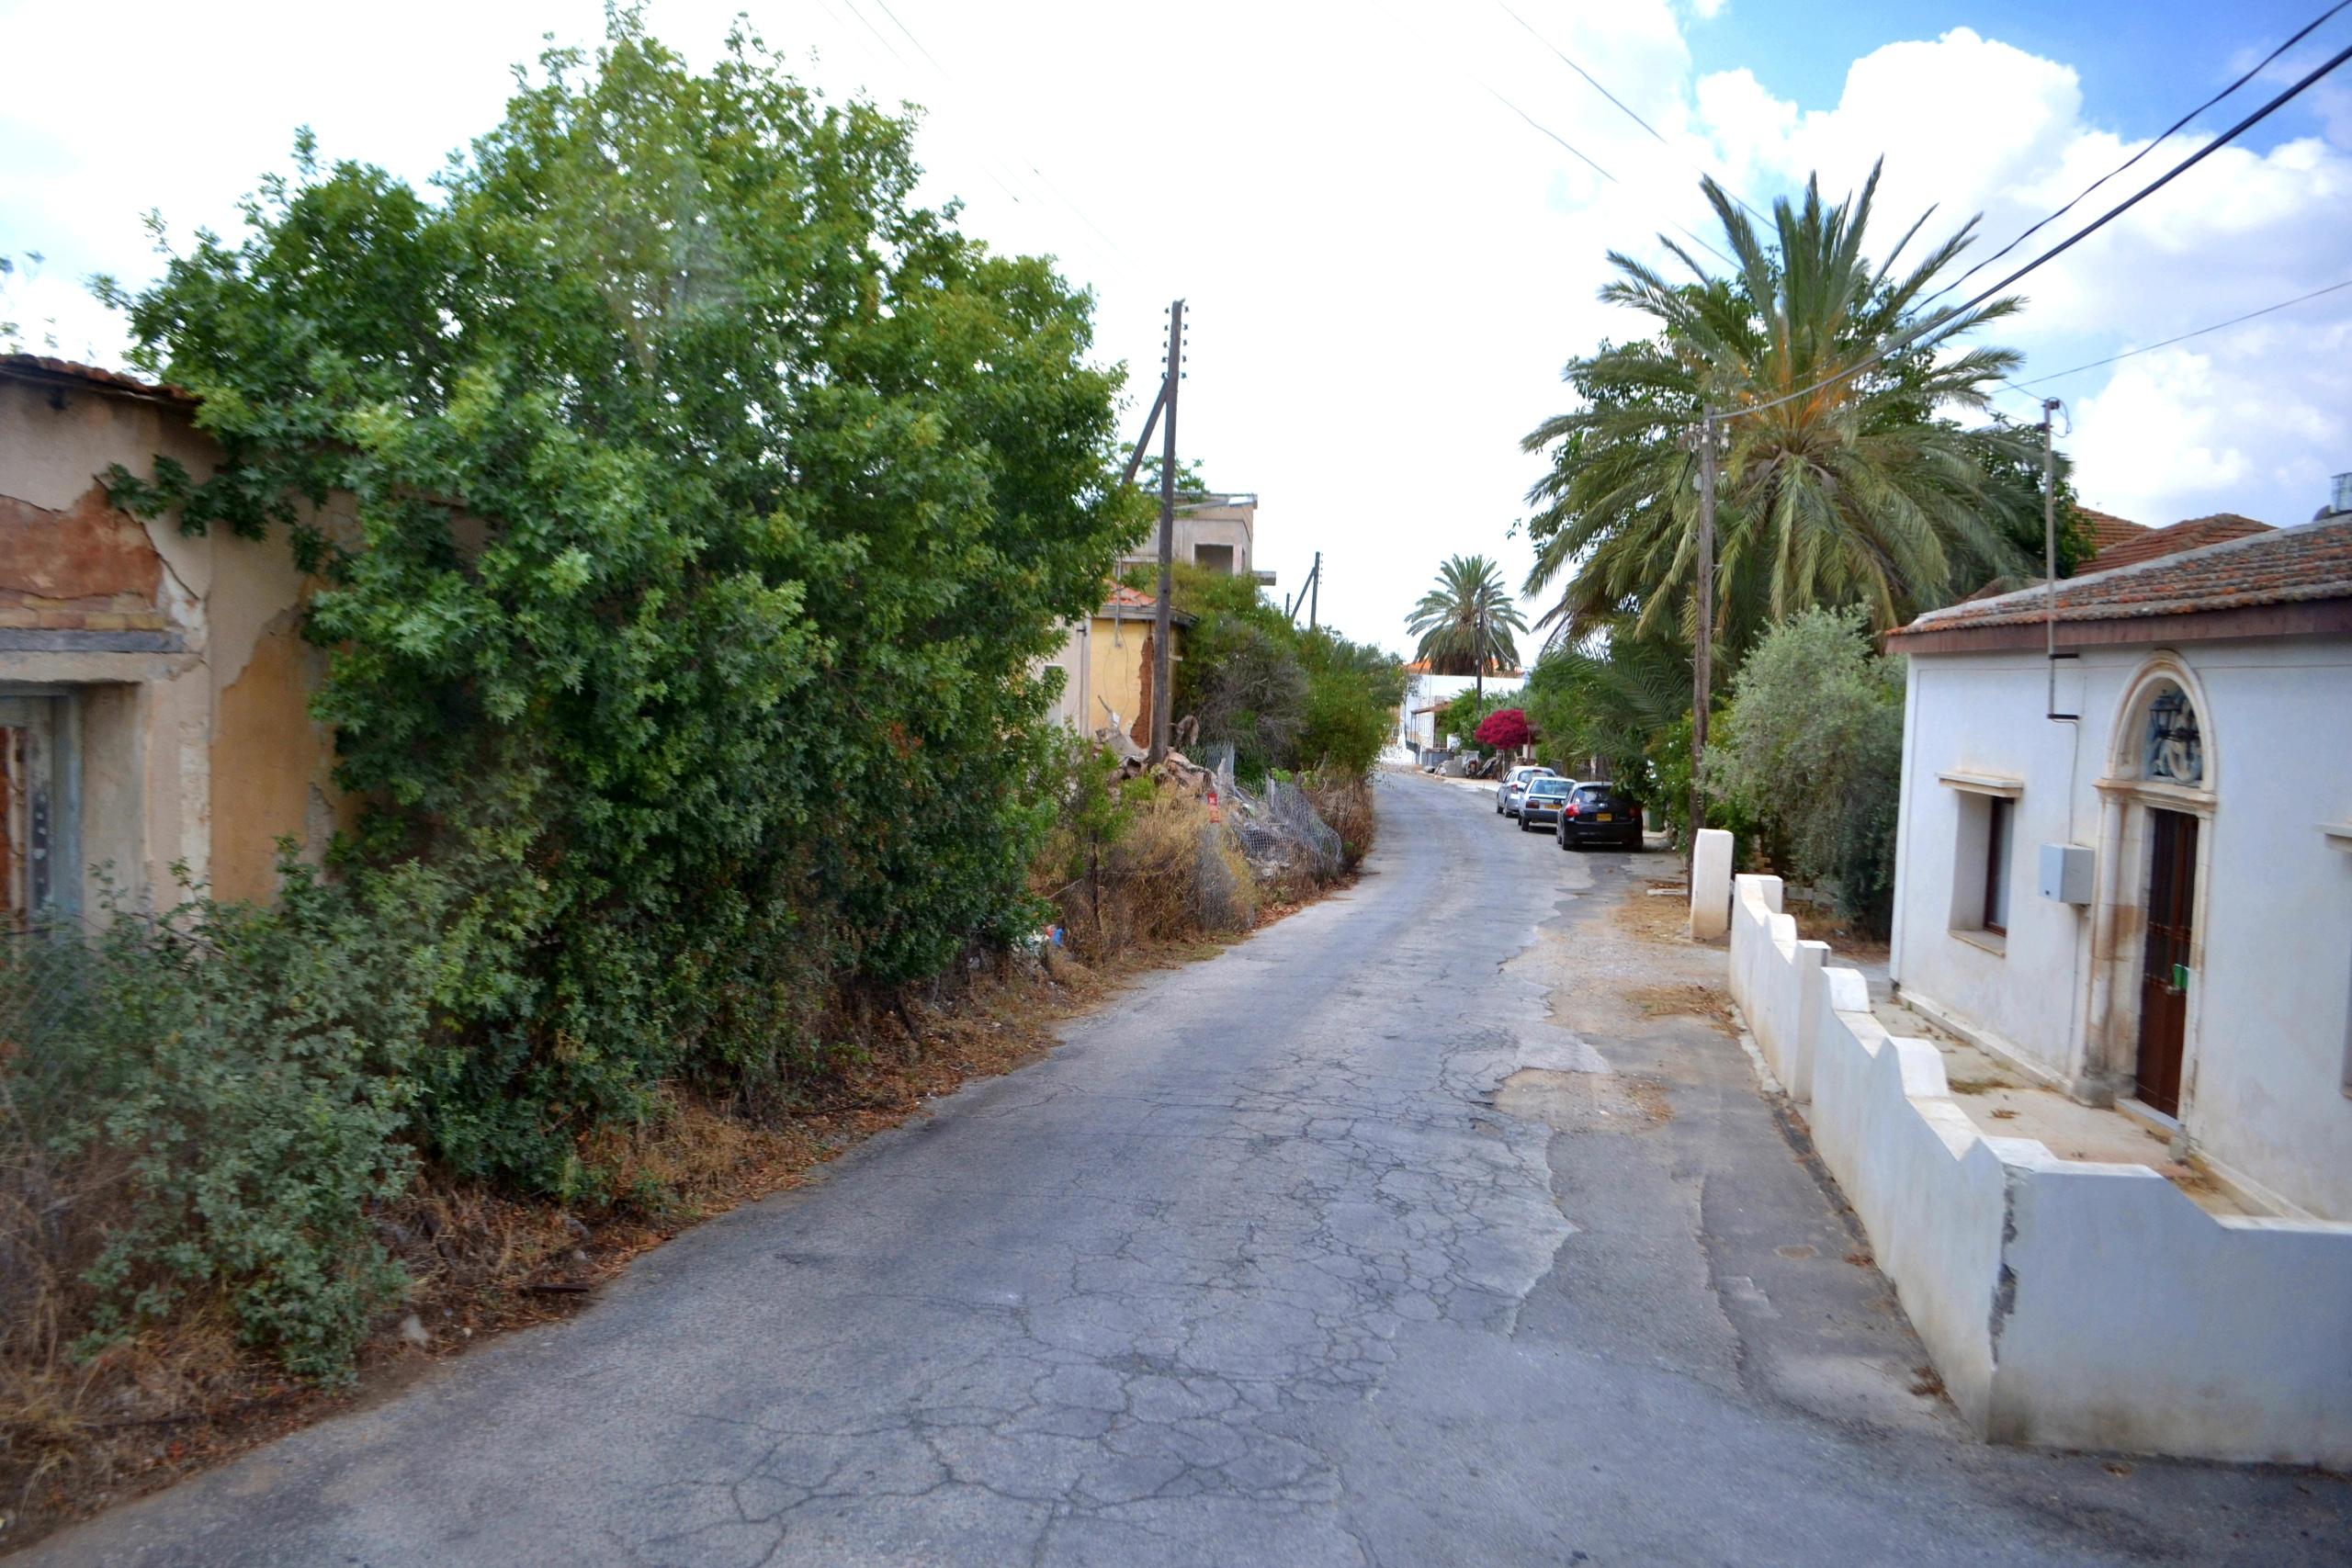 Елена Руденко (Валтея). Северный Кипр. Кериния и Фамагуста. (фото) - Страница 3 EFrWDEhnS9w